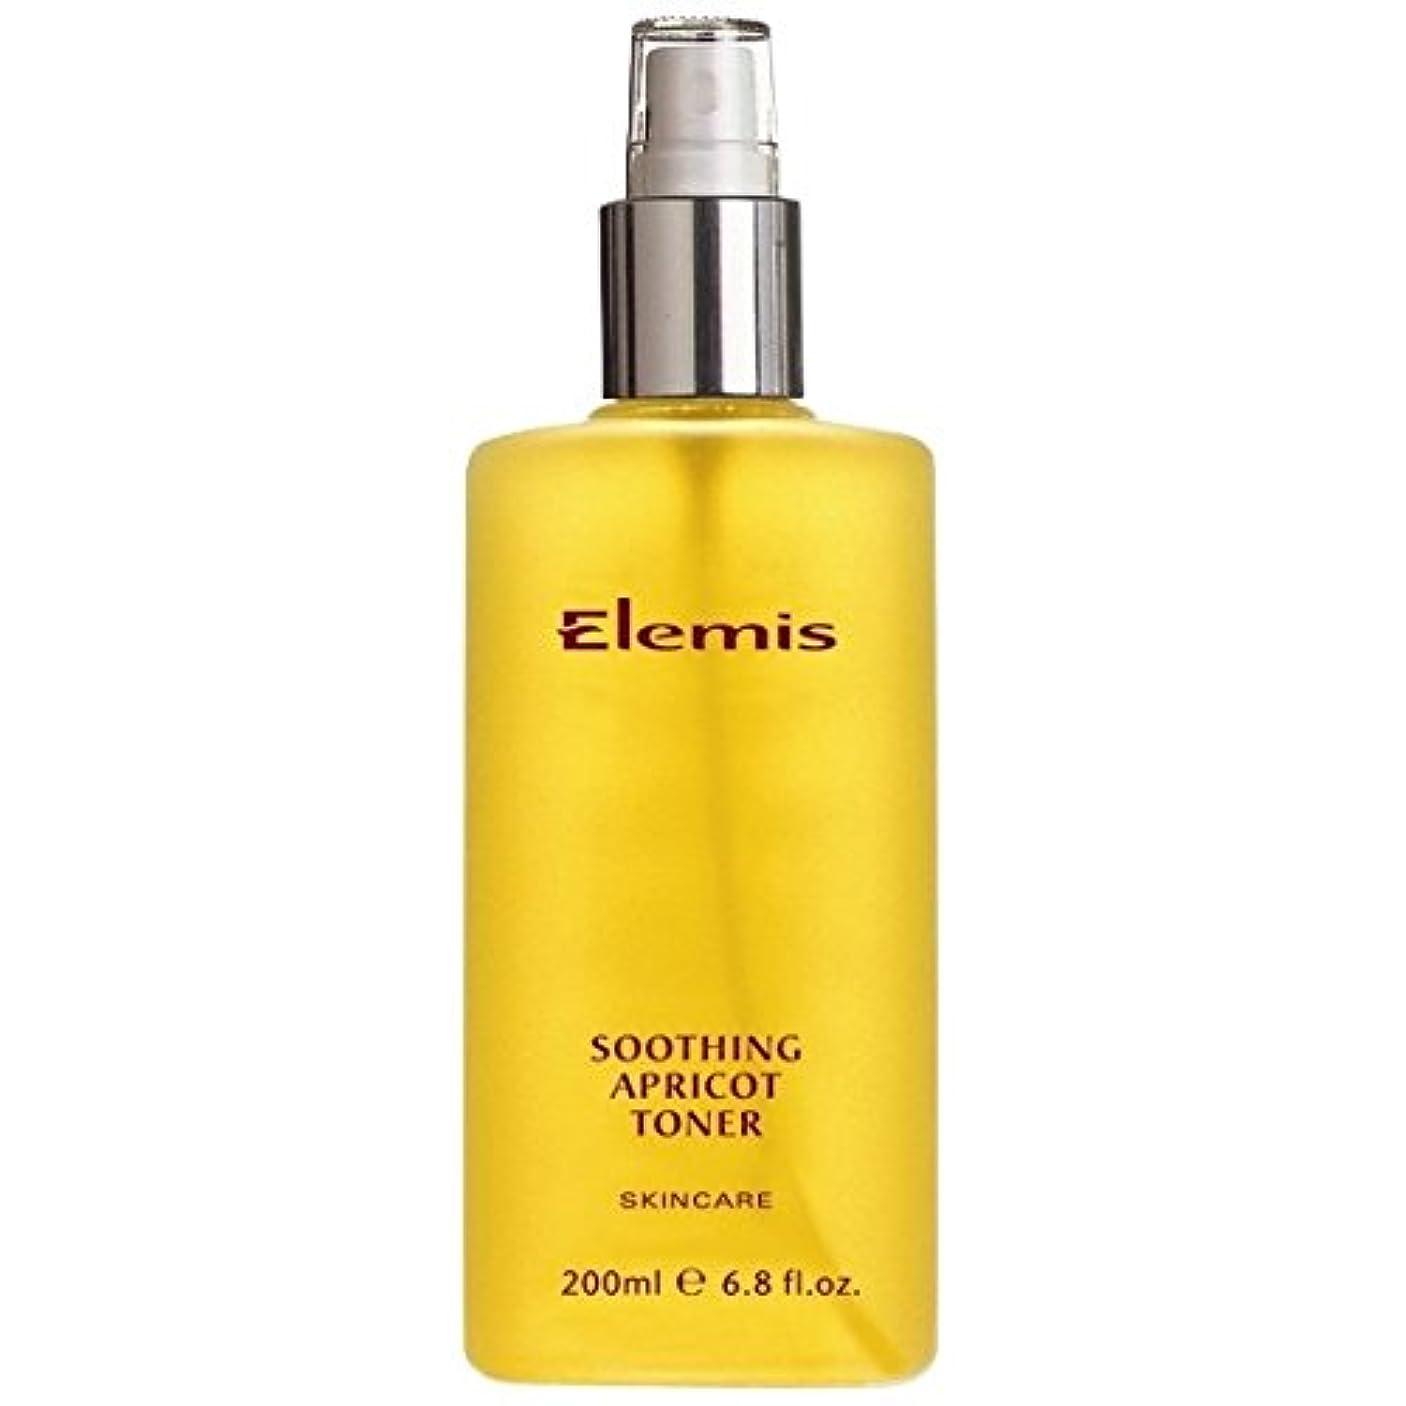 メガロポリス高さ小学生エレミスはなだめるようなアプリコットトナーをスキンケア (Elemis) (x2) - Elemis Skincare Soothing Apricot Toner (Pack of 2) [並行輸入品]